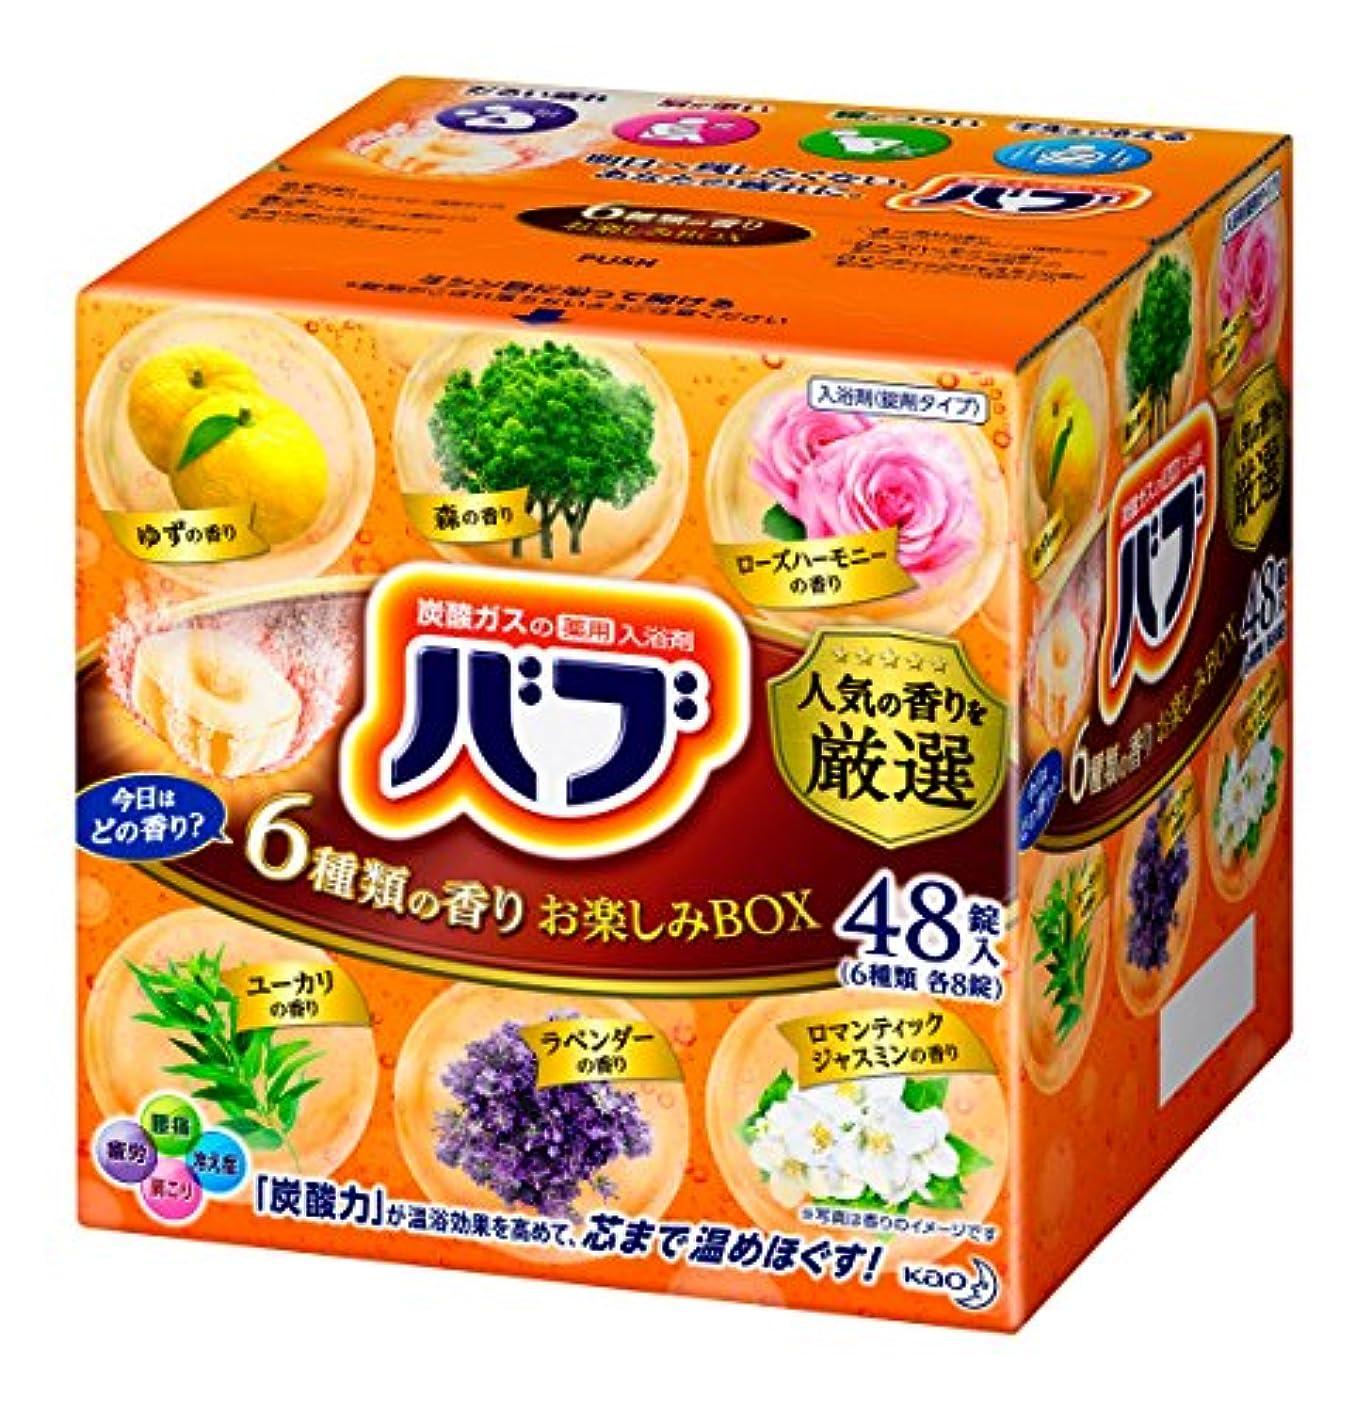 回転スチュワーデスお祝い【大容量】バブ 6つの香りお楽しみBOX 48錠